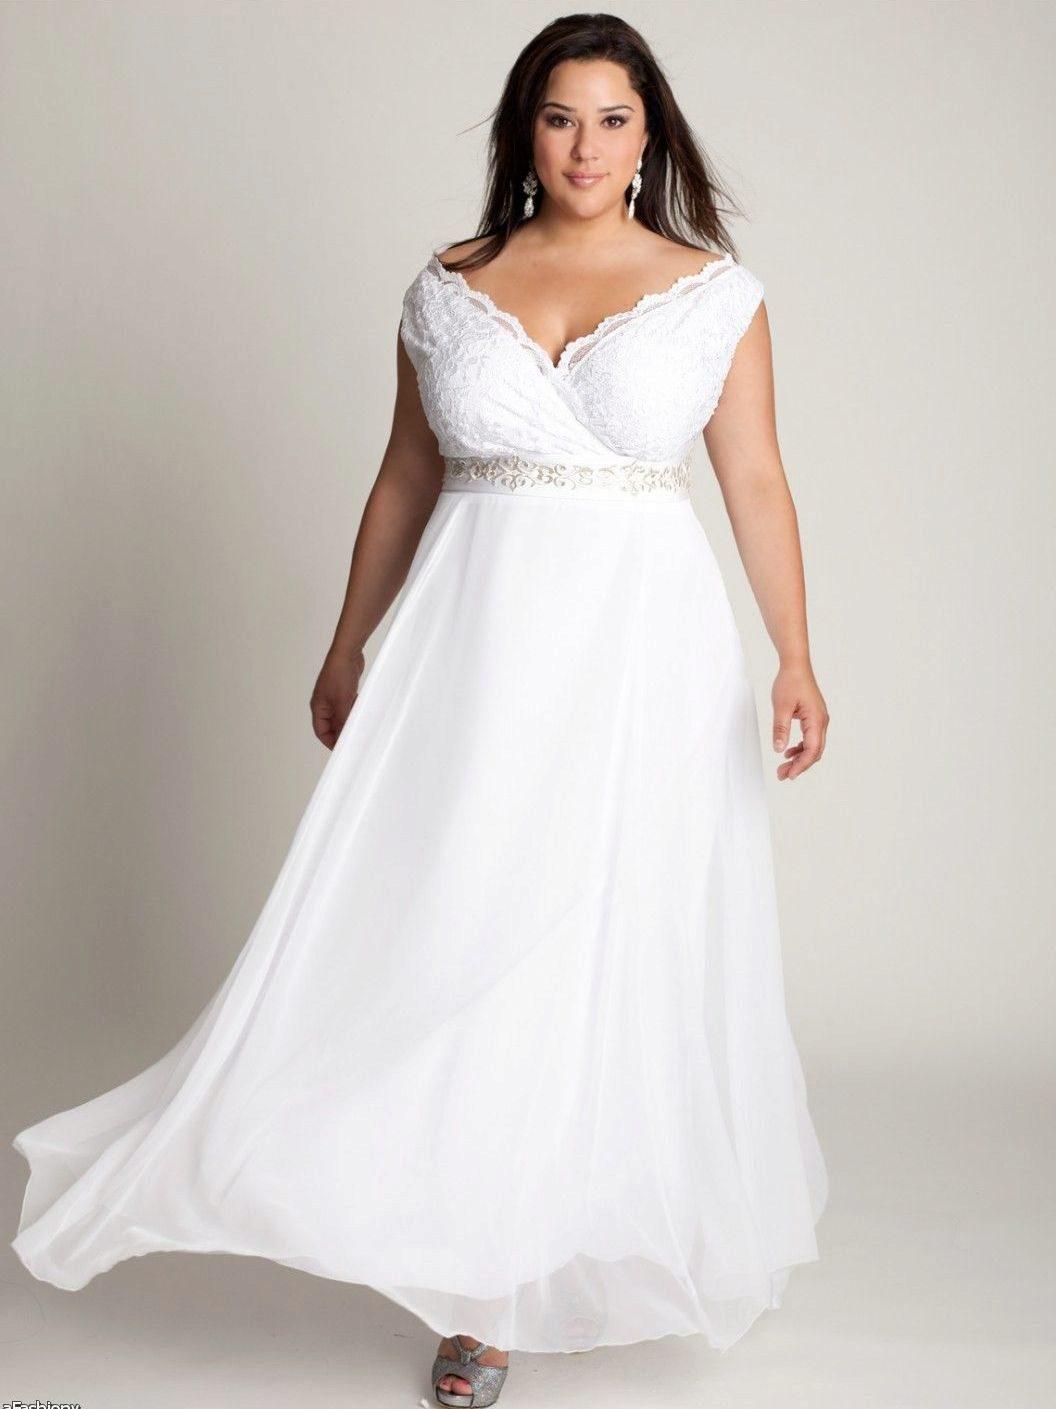 c4a5c33f958 Свадебные платья для полных девушек  выбор образа для полных невест ...